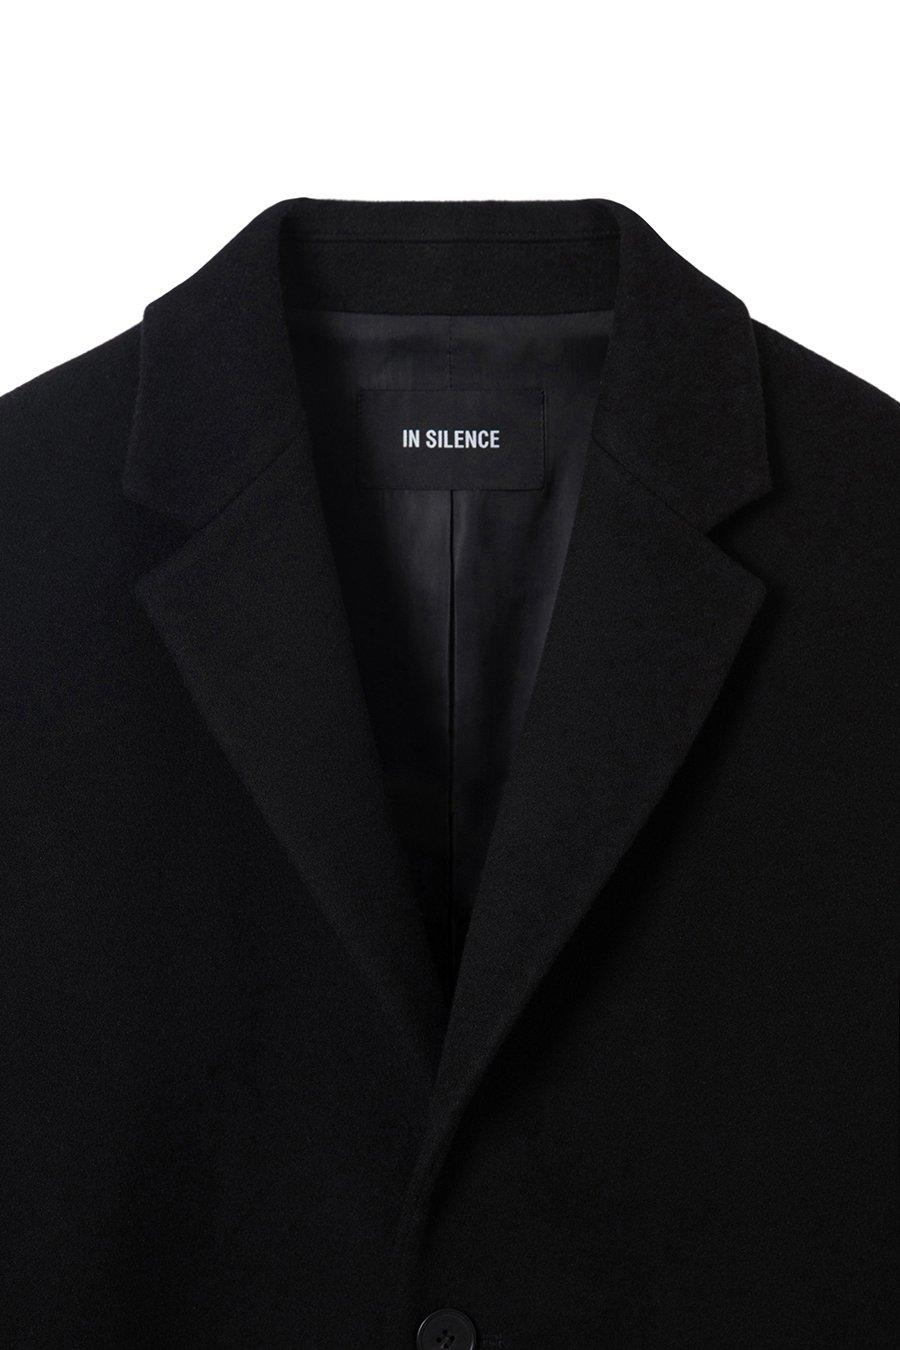 인사일런스(IN SILENCE) 솔리스트 캐시미어 코트 BLACK